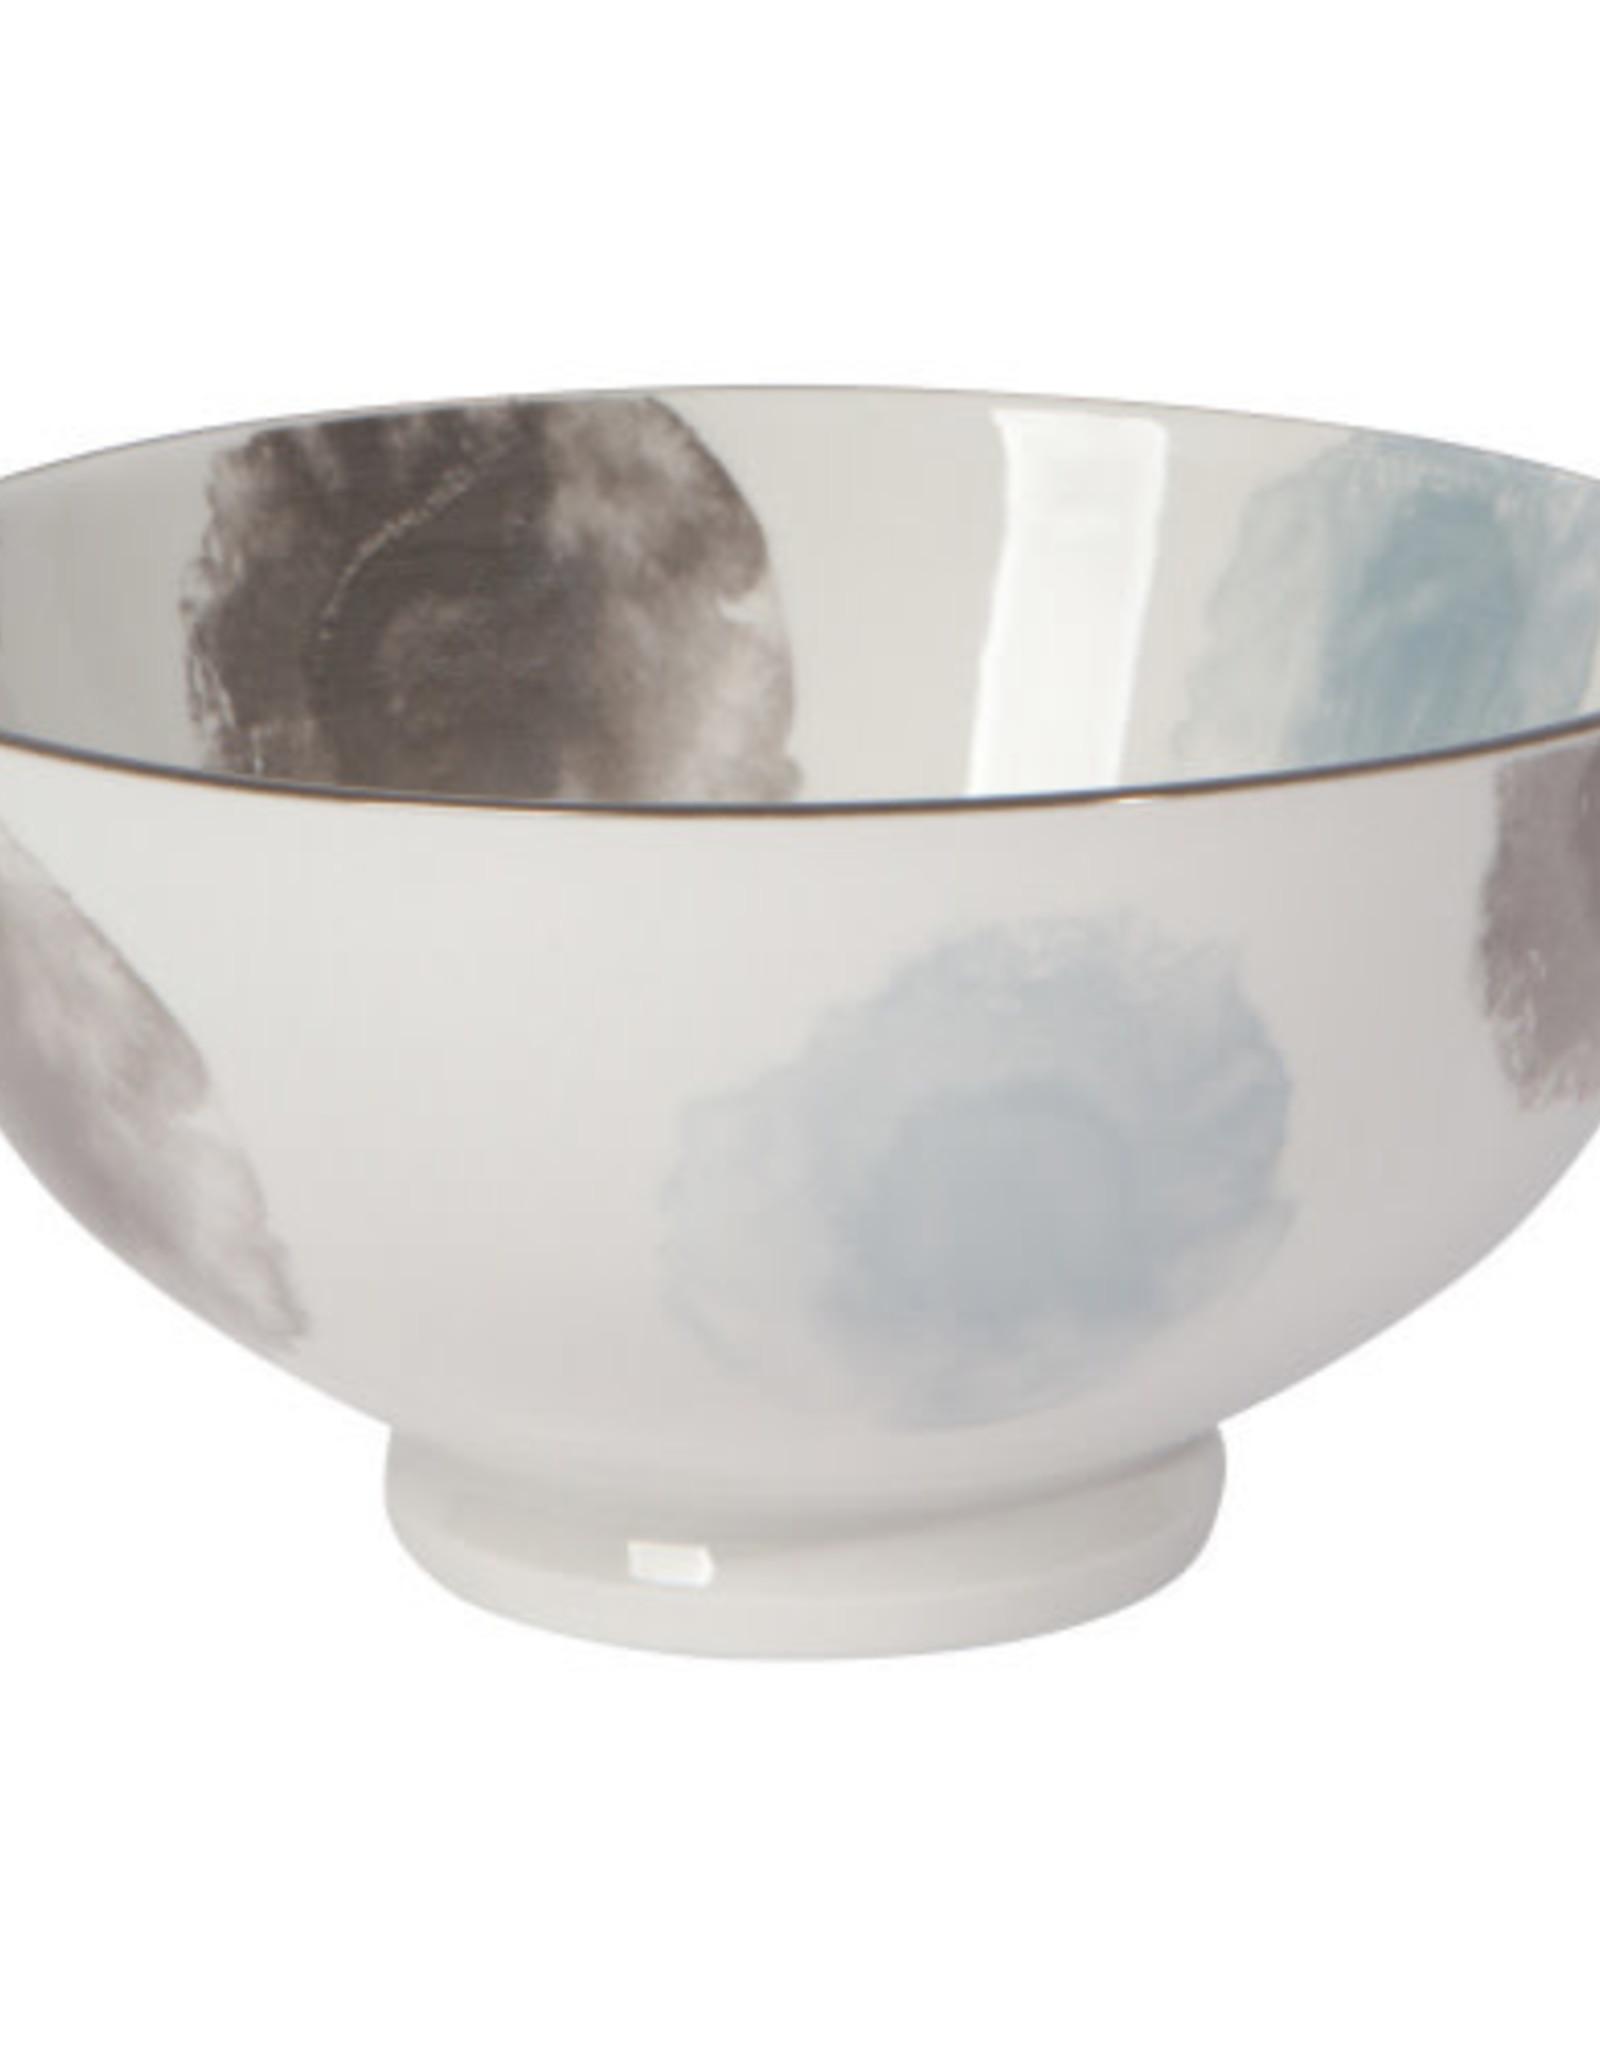 Kiku Stripe Bowl 15 cm